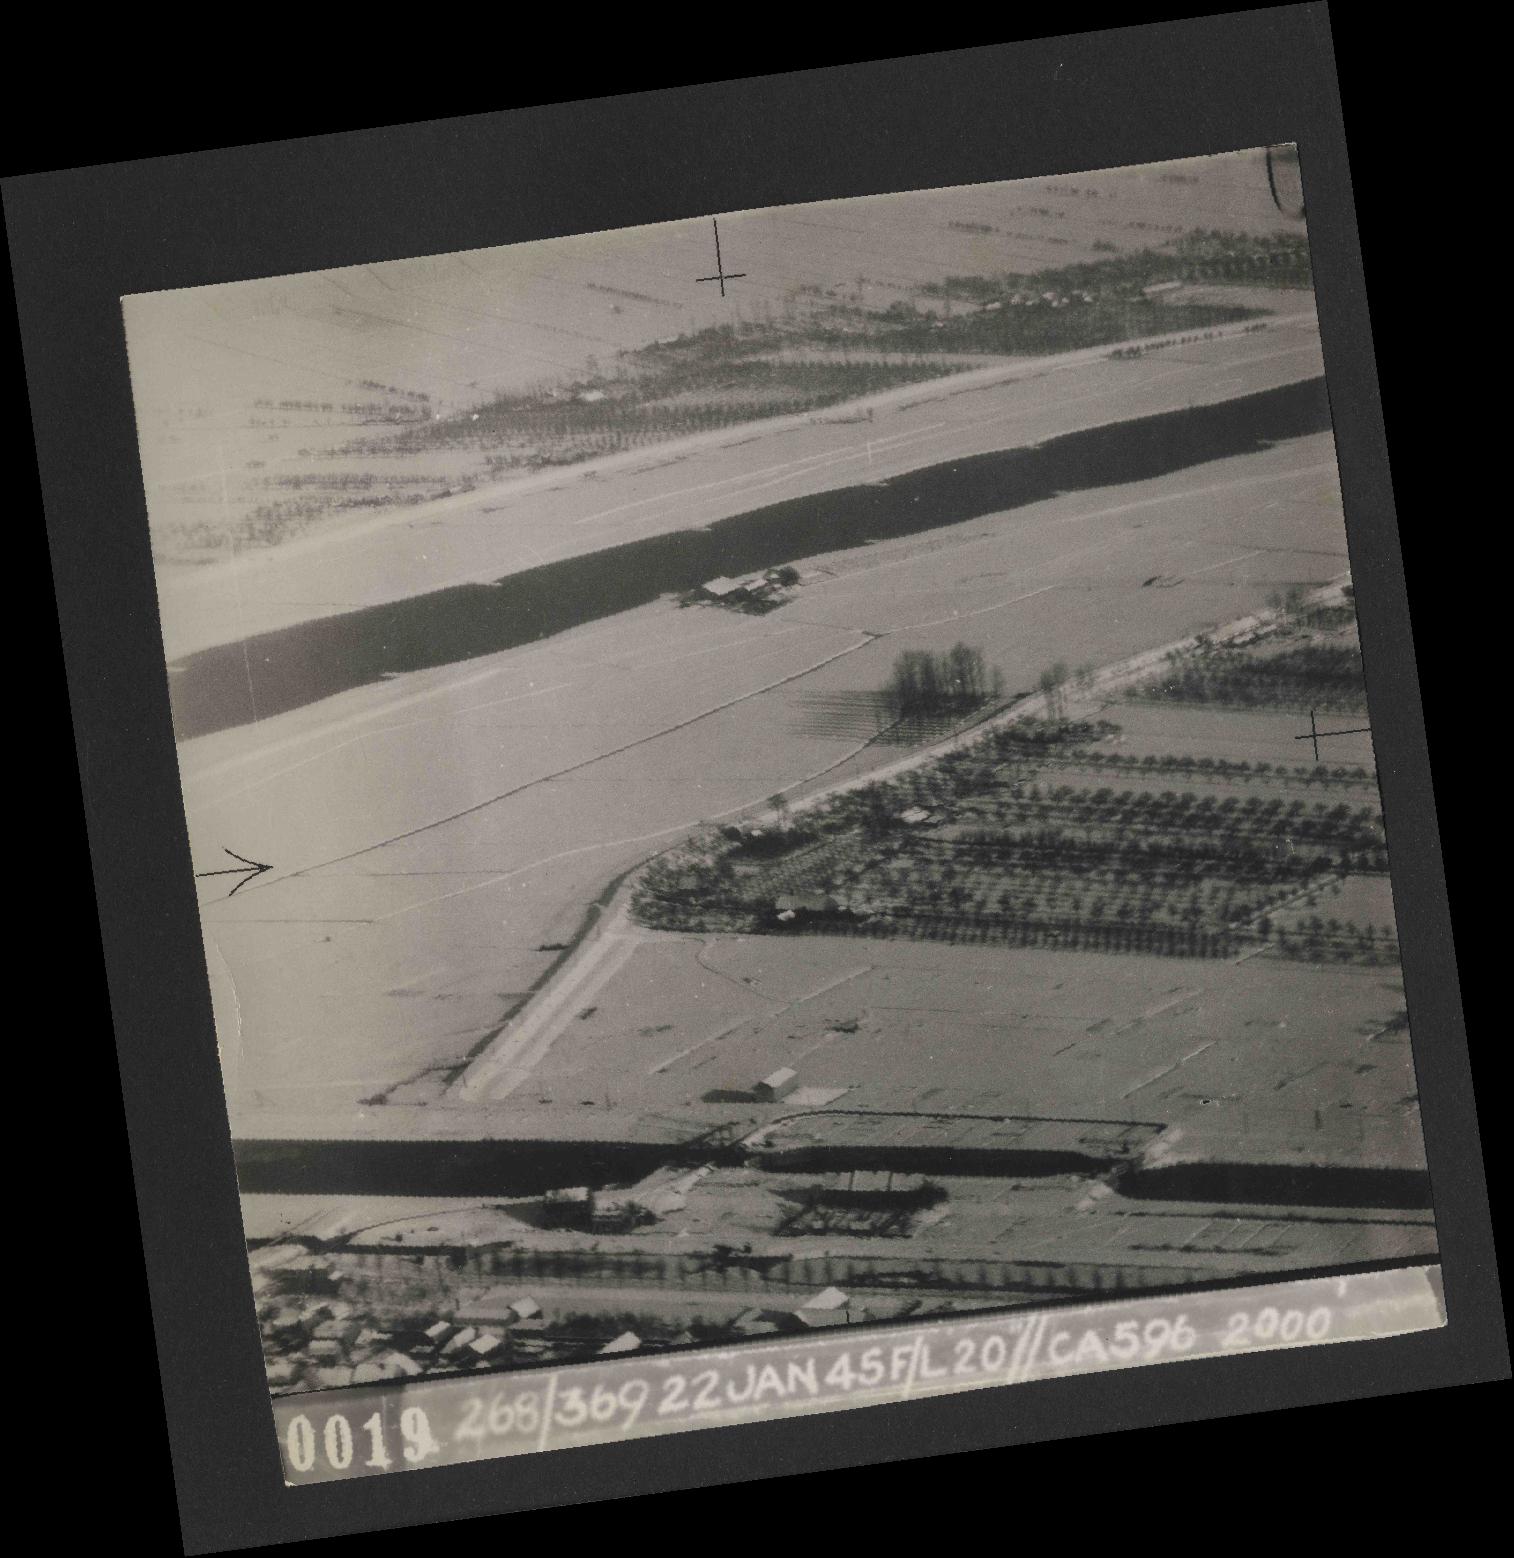 Collection RAF aerial photos 1940-1945 - flight 539, run 01, photo 0019